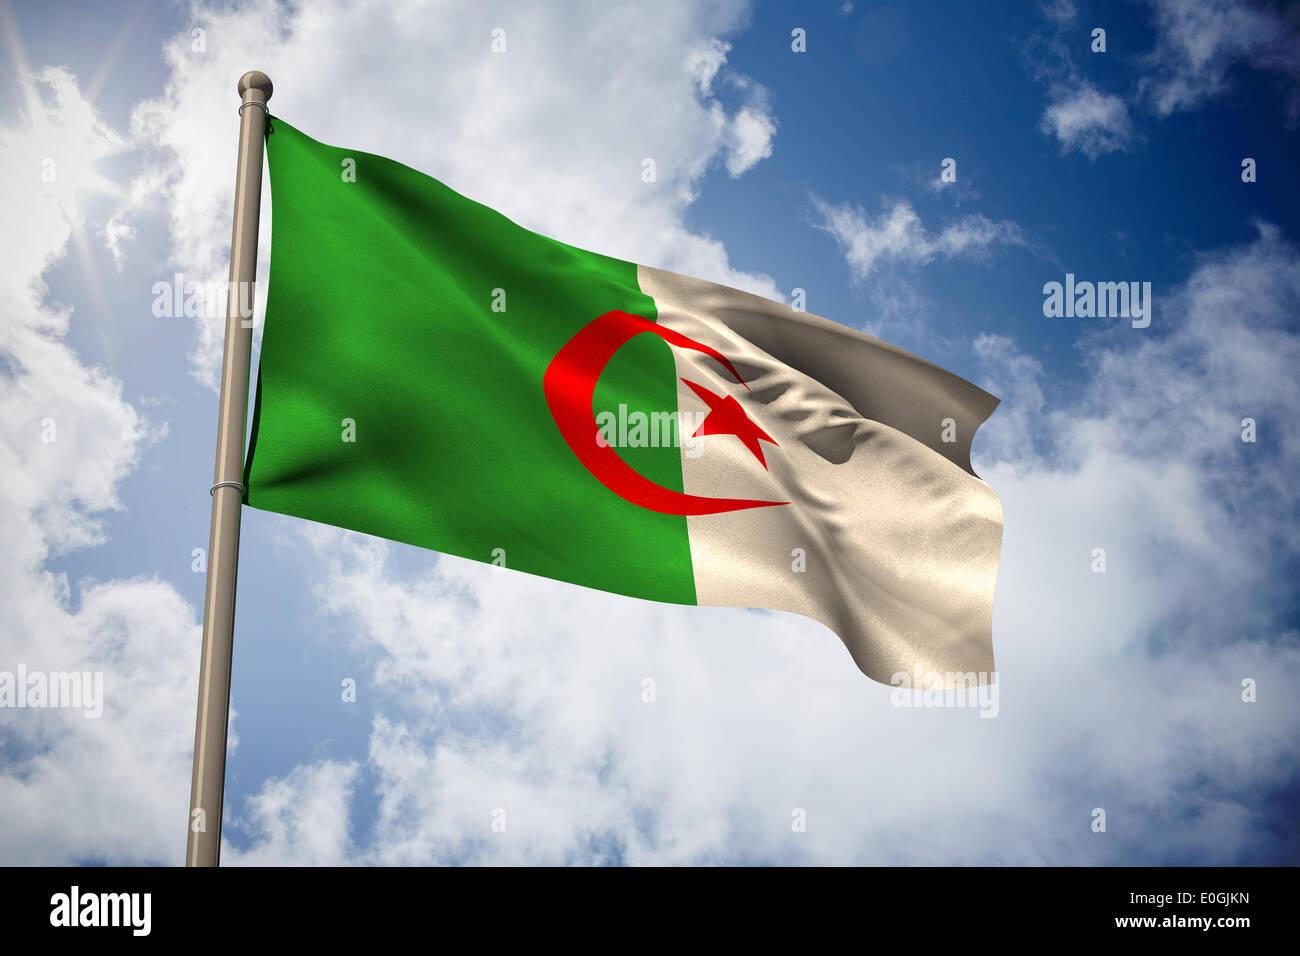 L'Algérie drapeau national Photo Stock